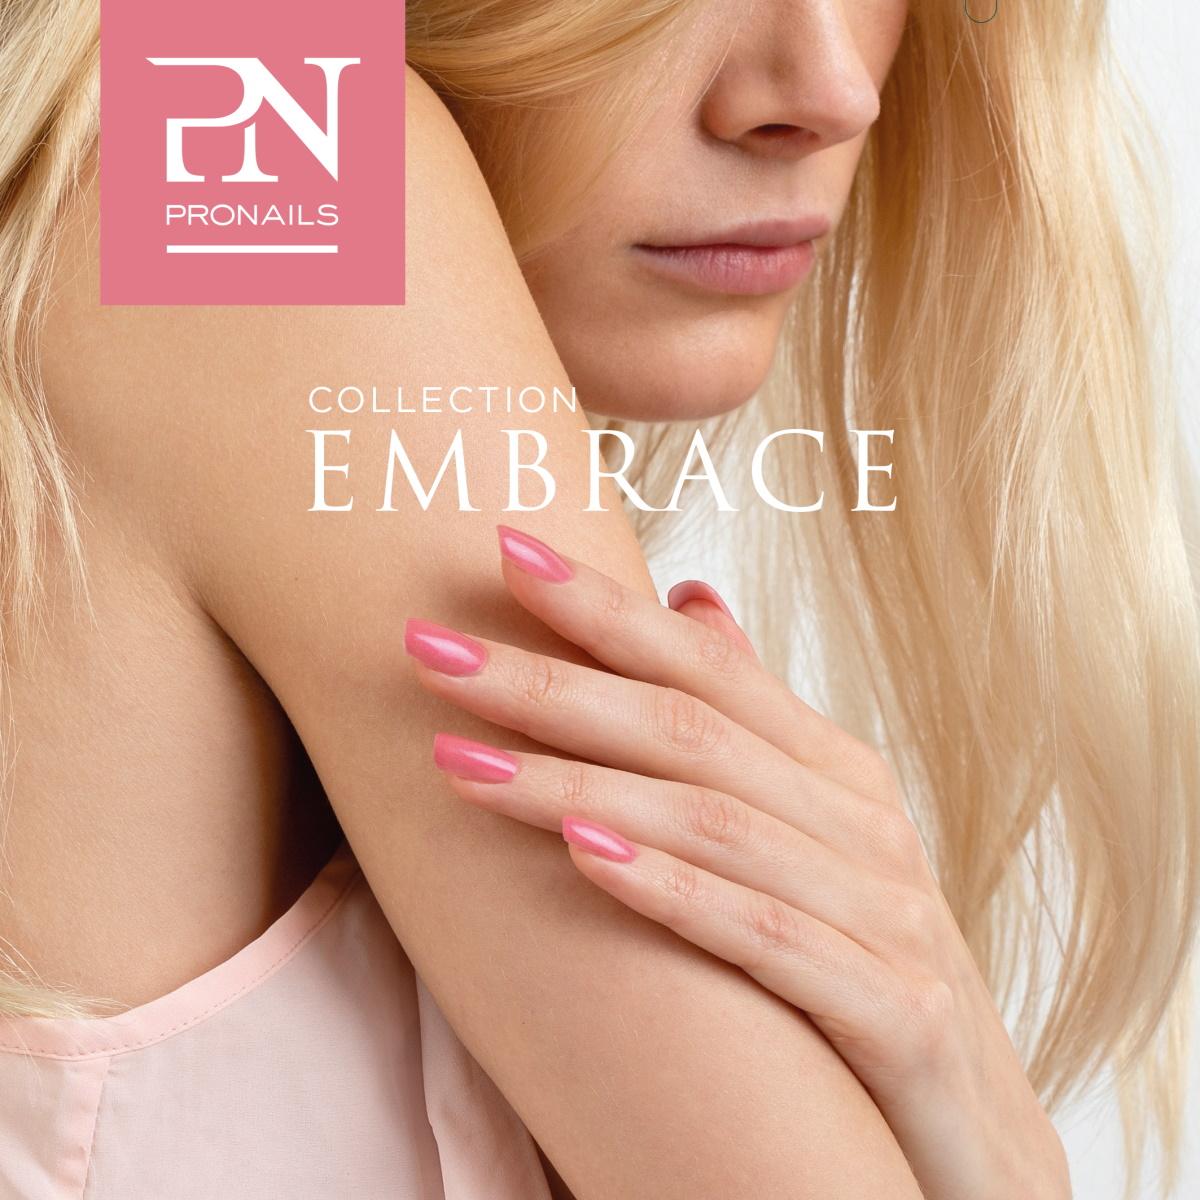 Nieuw van ProNails: Embrace en Worth